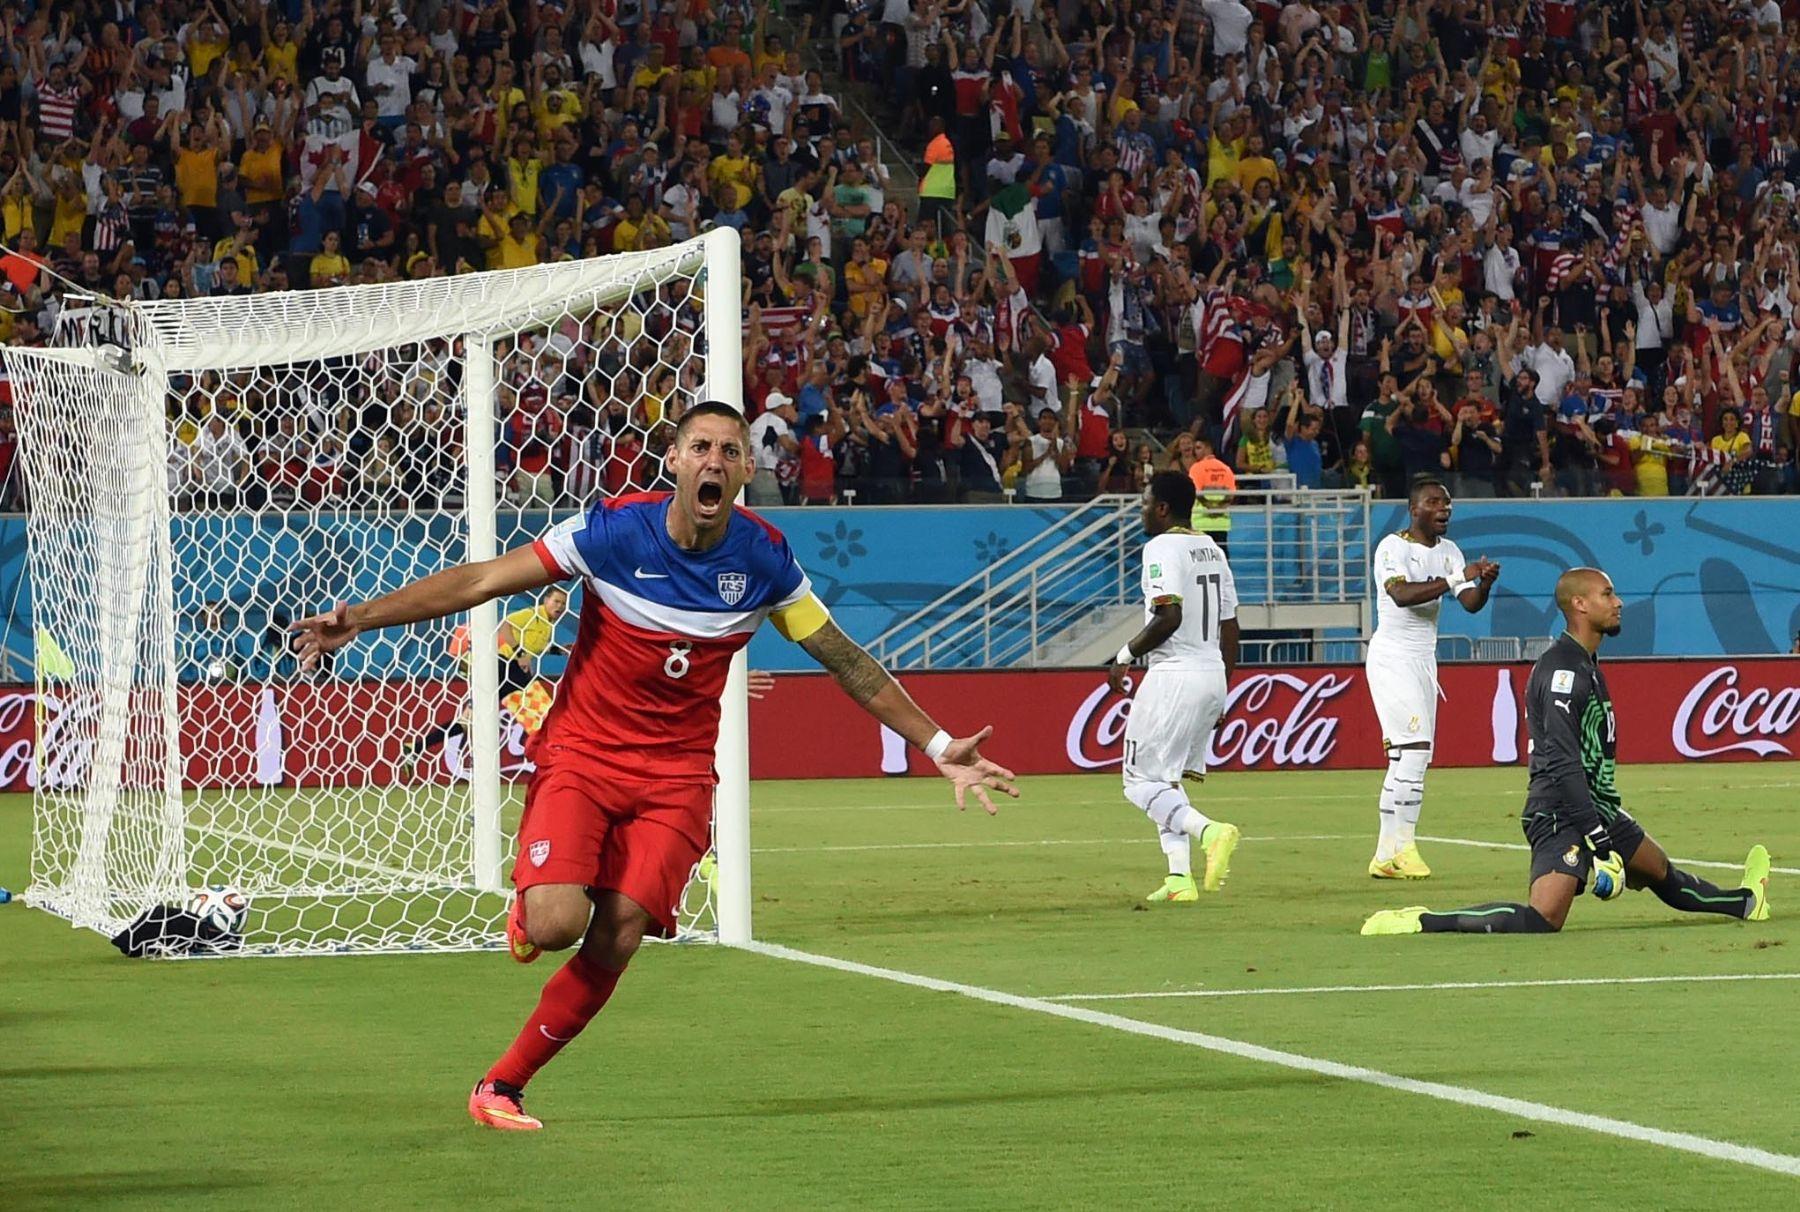 Mondiali: i dieci gol più veloci della storia [FOTO e VIDEO]